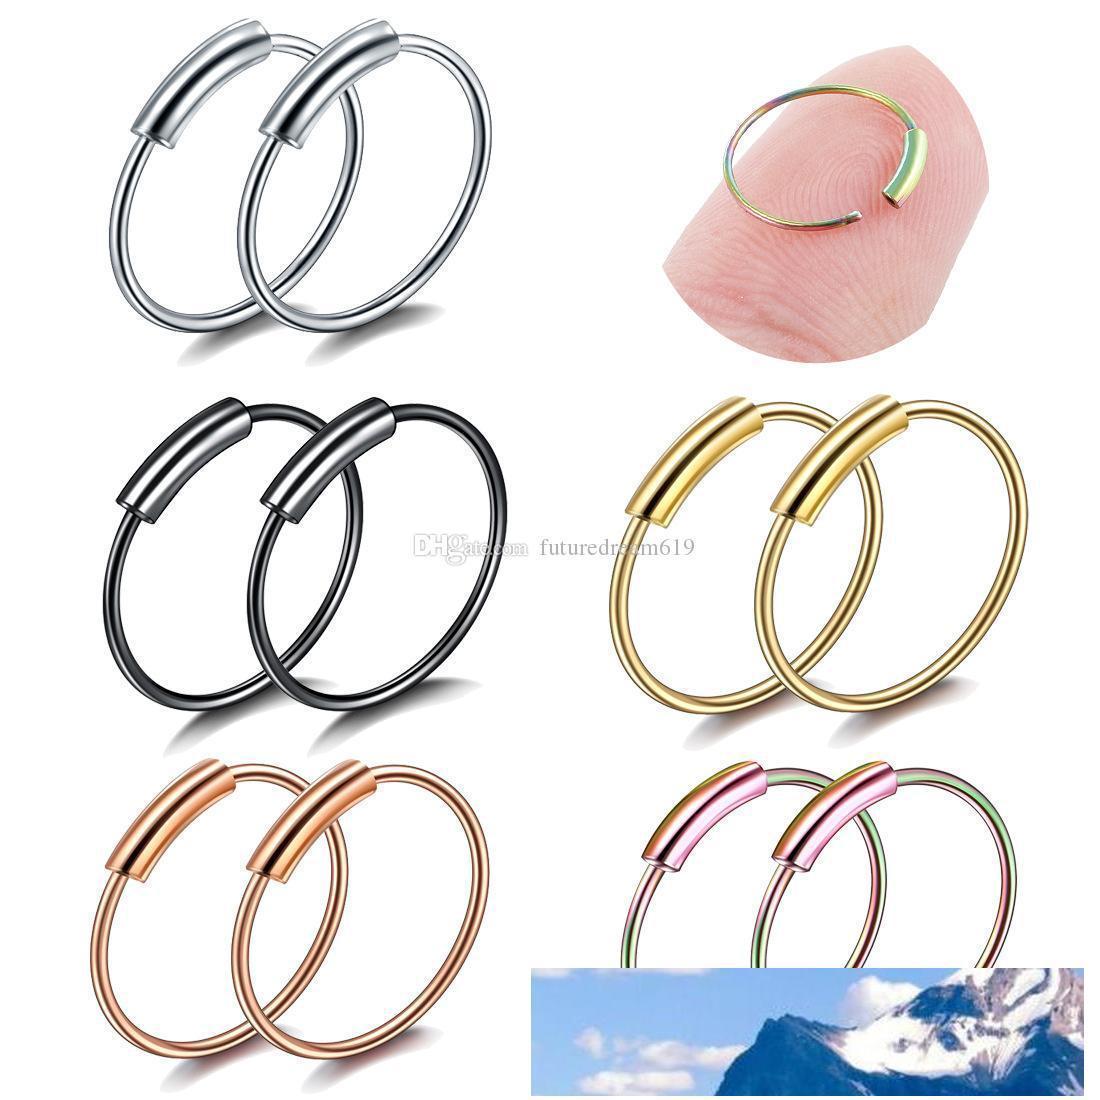 Nariz suena la joyería Piercing joyas de moda nariz de acero inoxidable Abiertas aro de anillo pendiente Espárragos